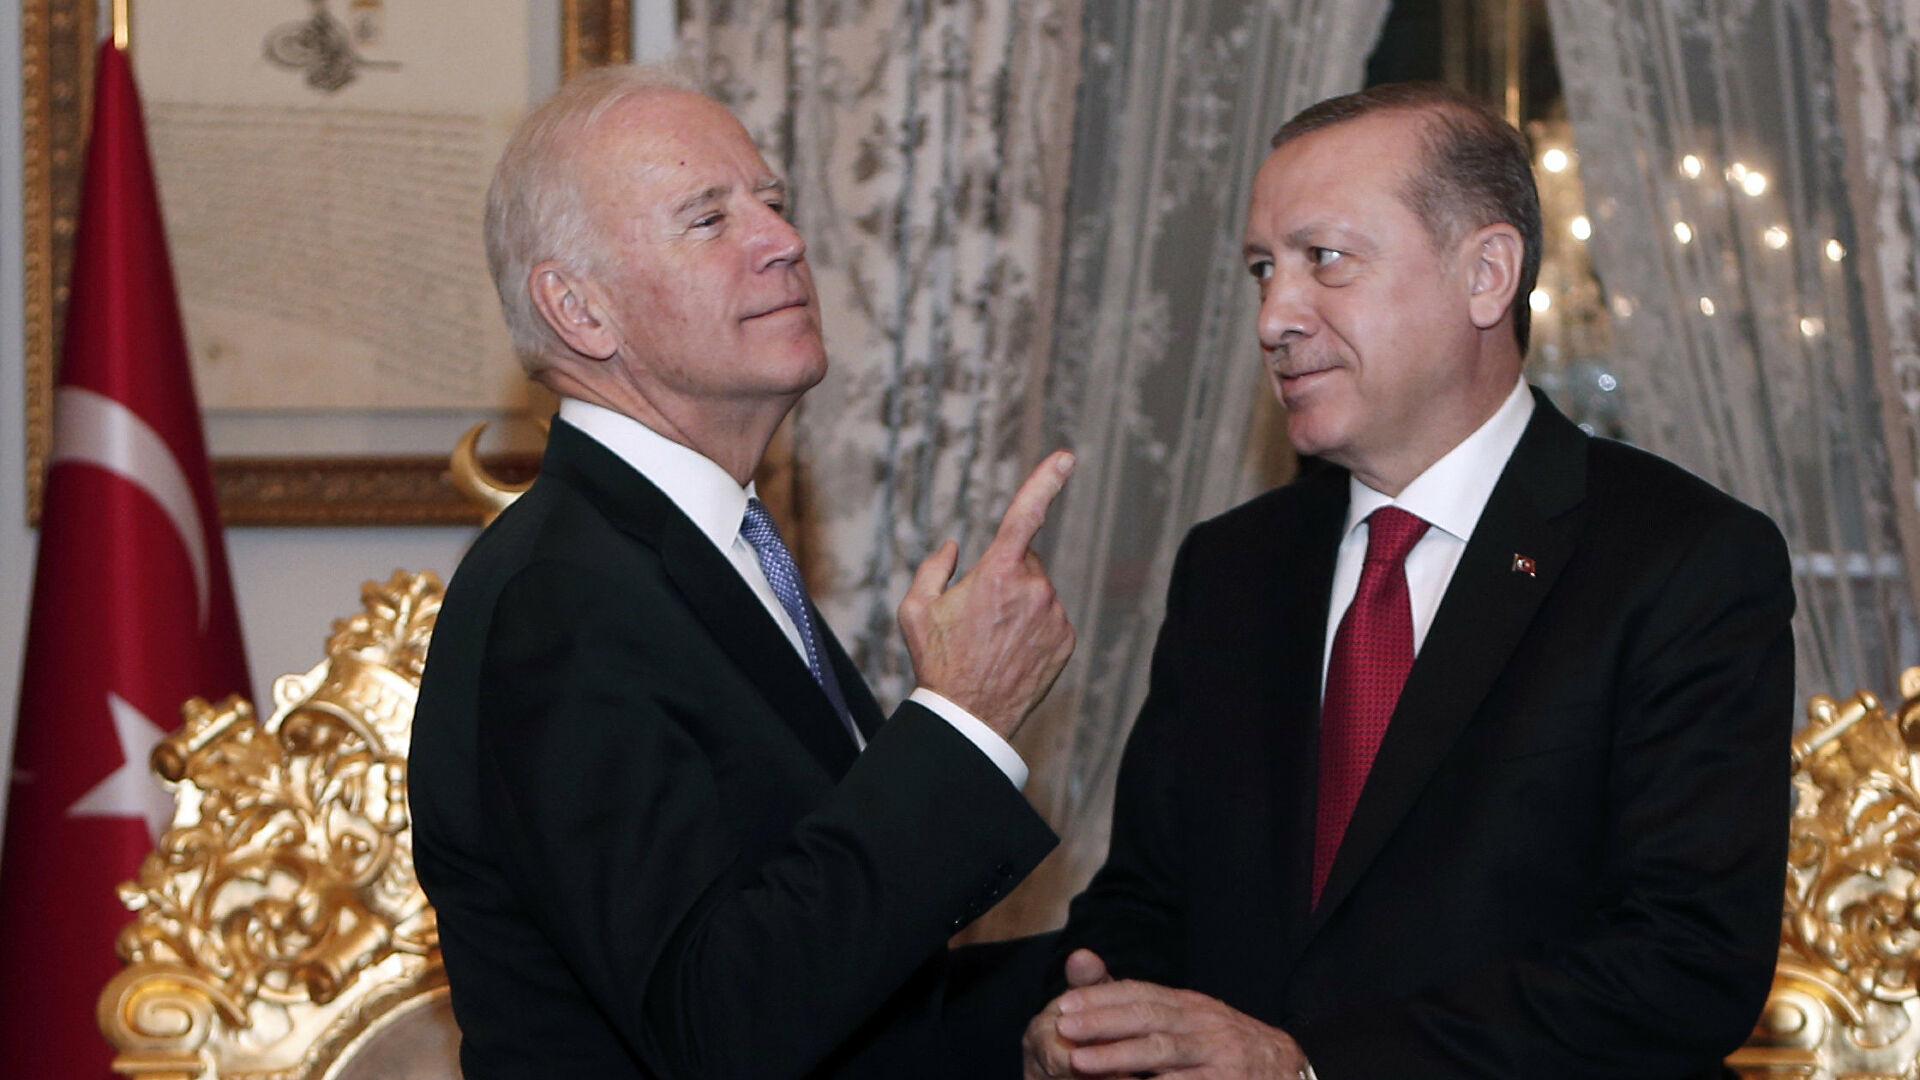 Բայդենն Էրդողանին հայտնել է, որ հայերի ջարդն անվանելու է ցեղասպանություն․ Bloomberg